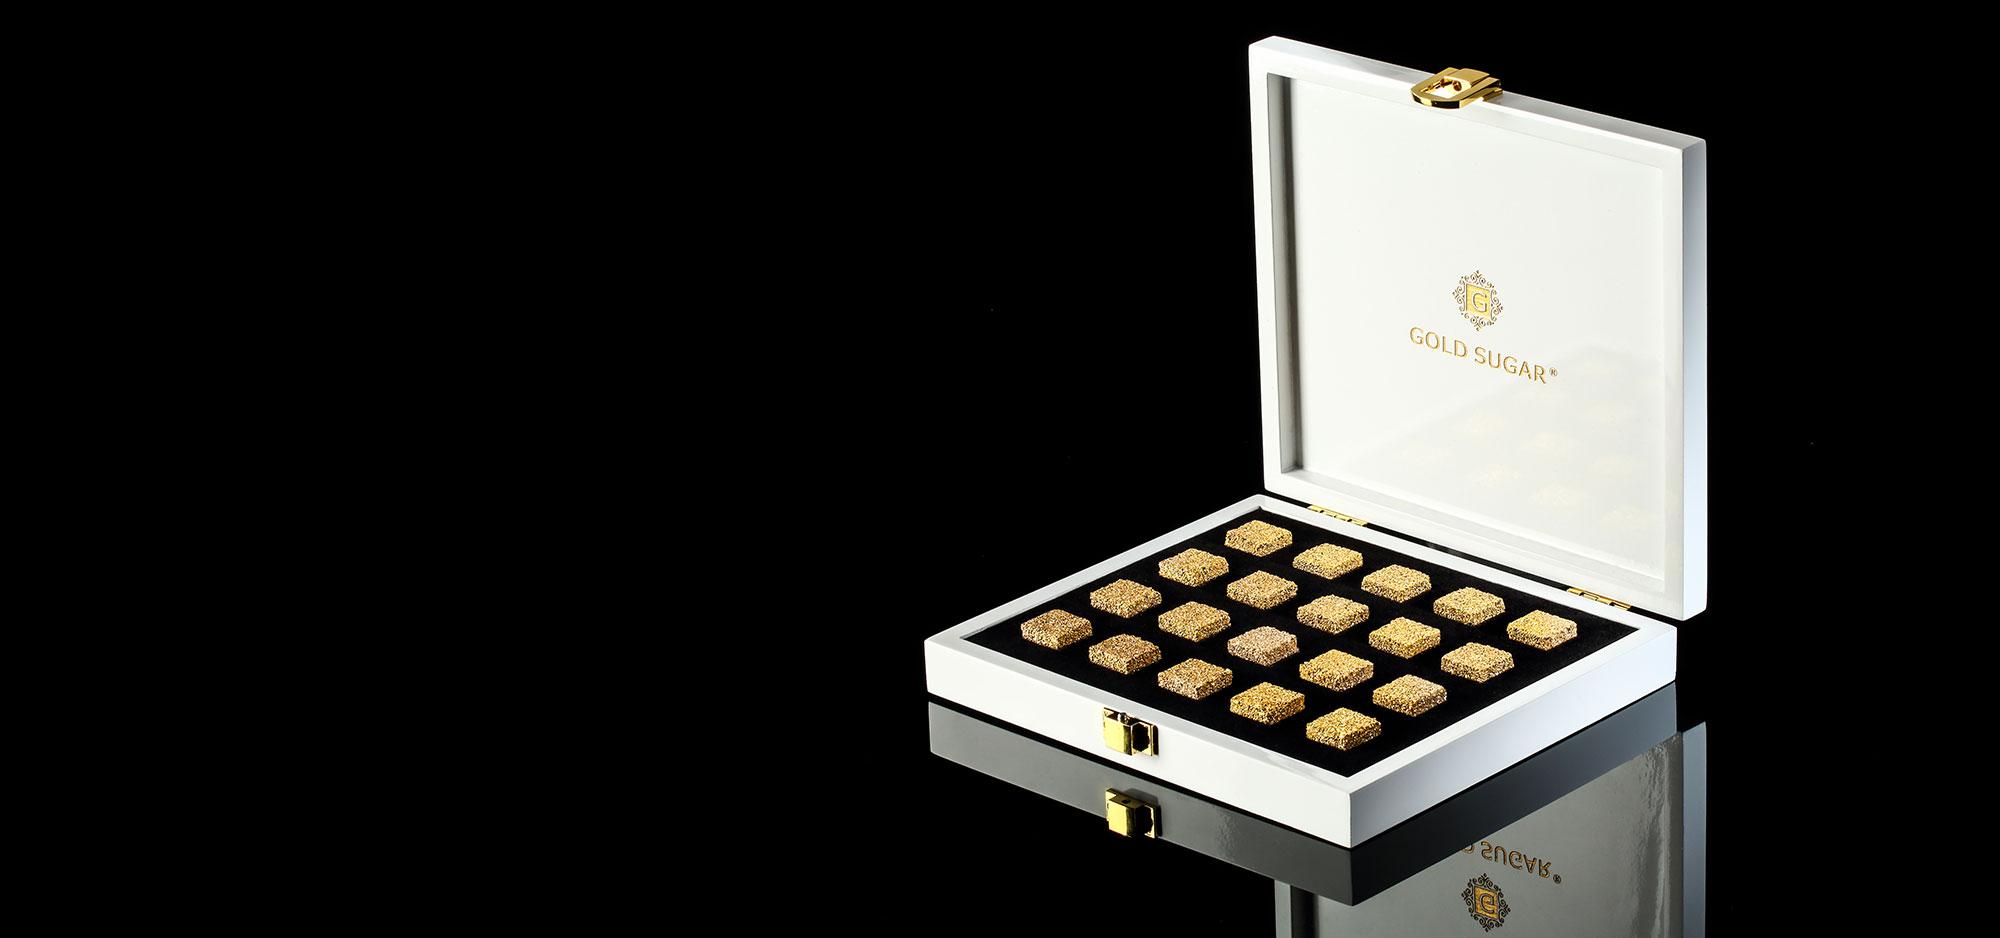 GOLD SUGAR box set of 20